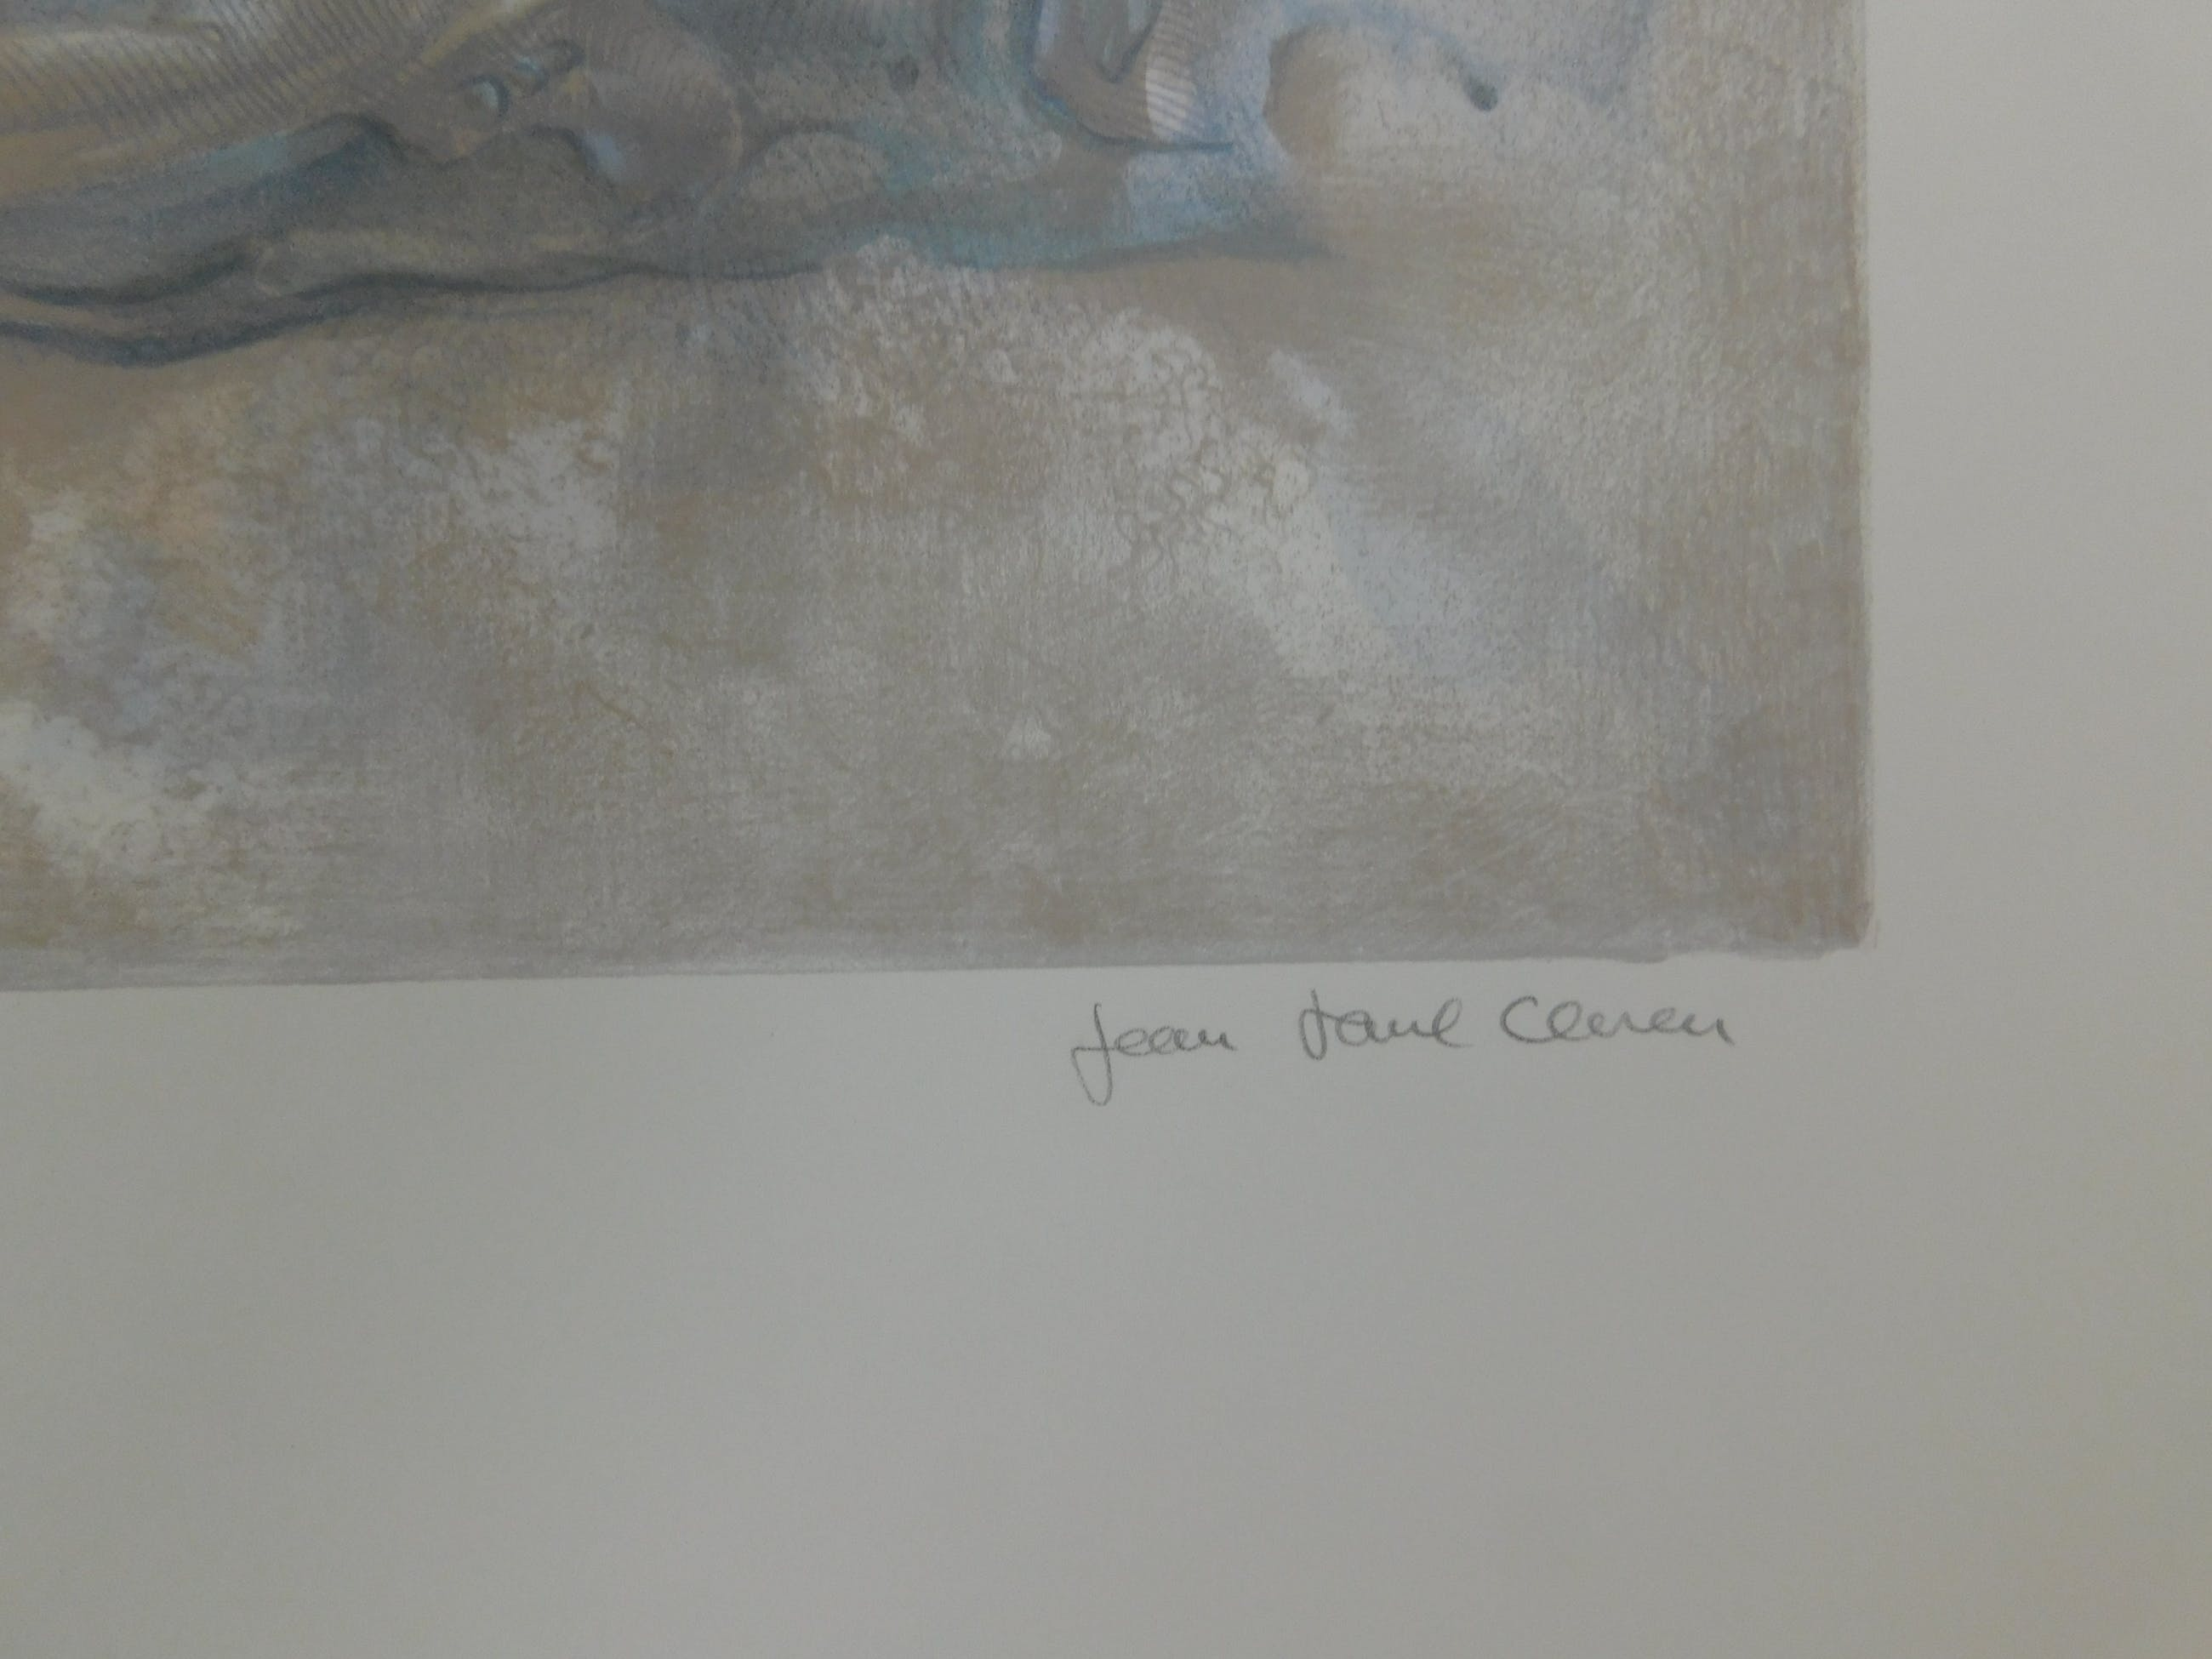 Jean-Paul Cleren - Le visage gris kopen? Bied vanaf 15!